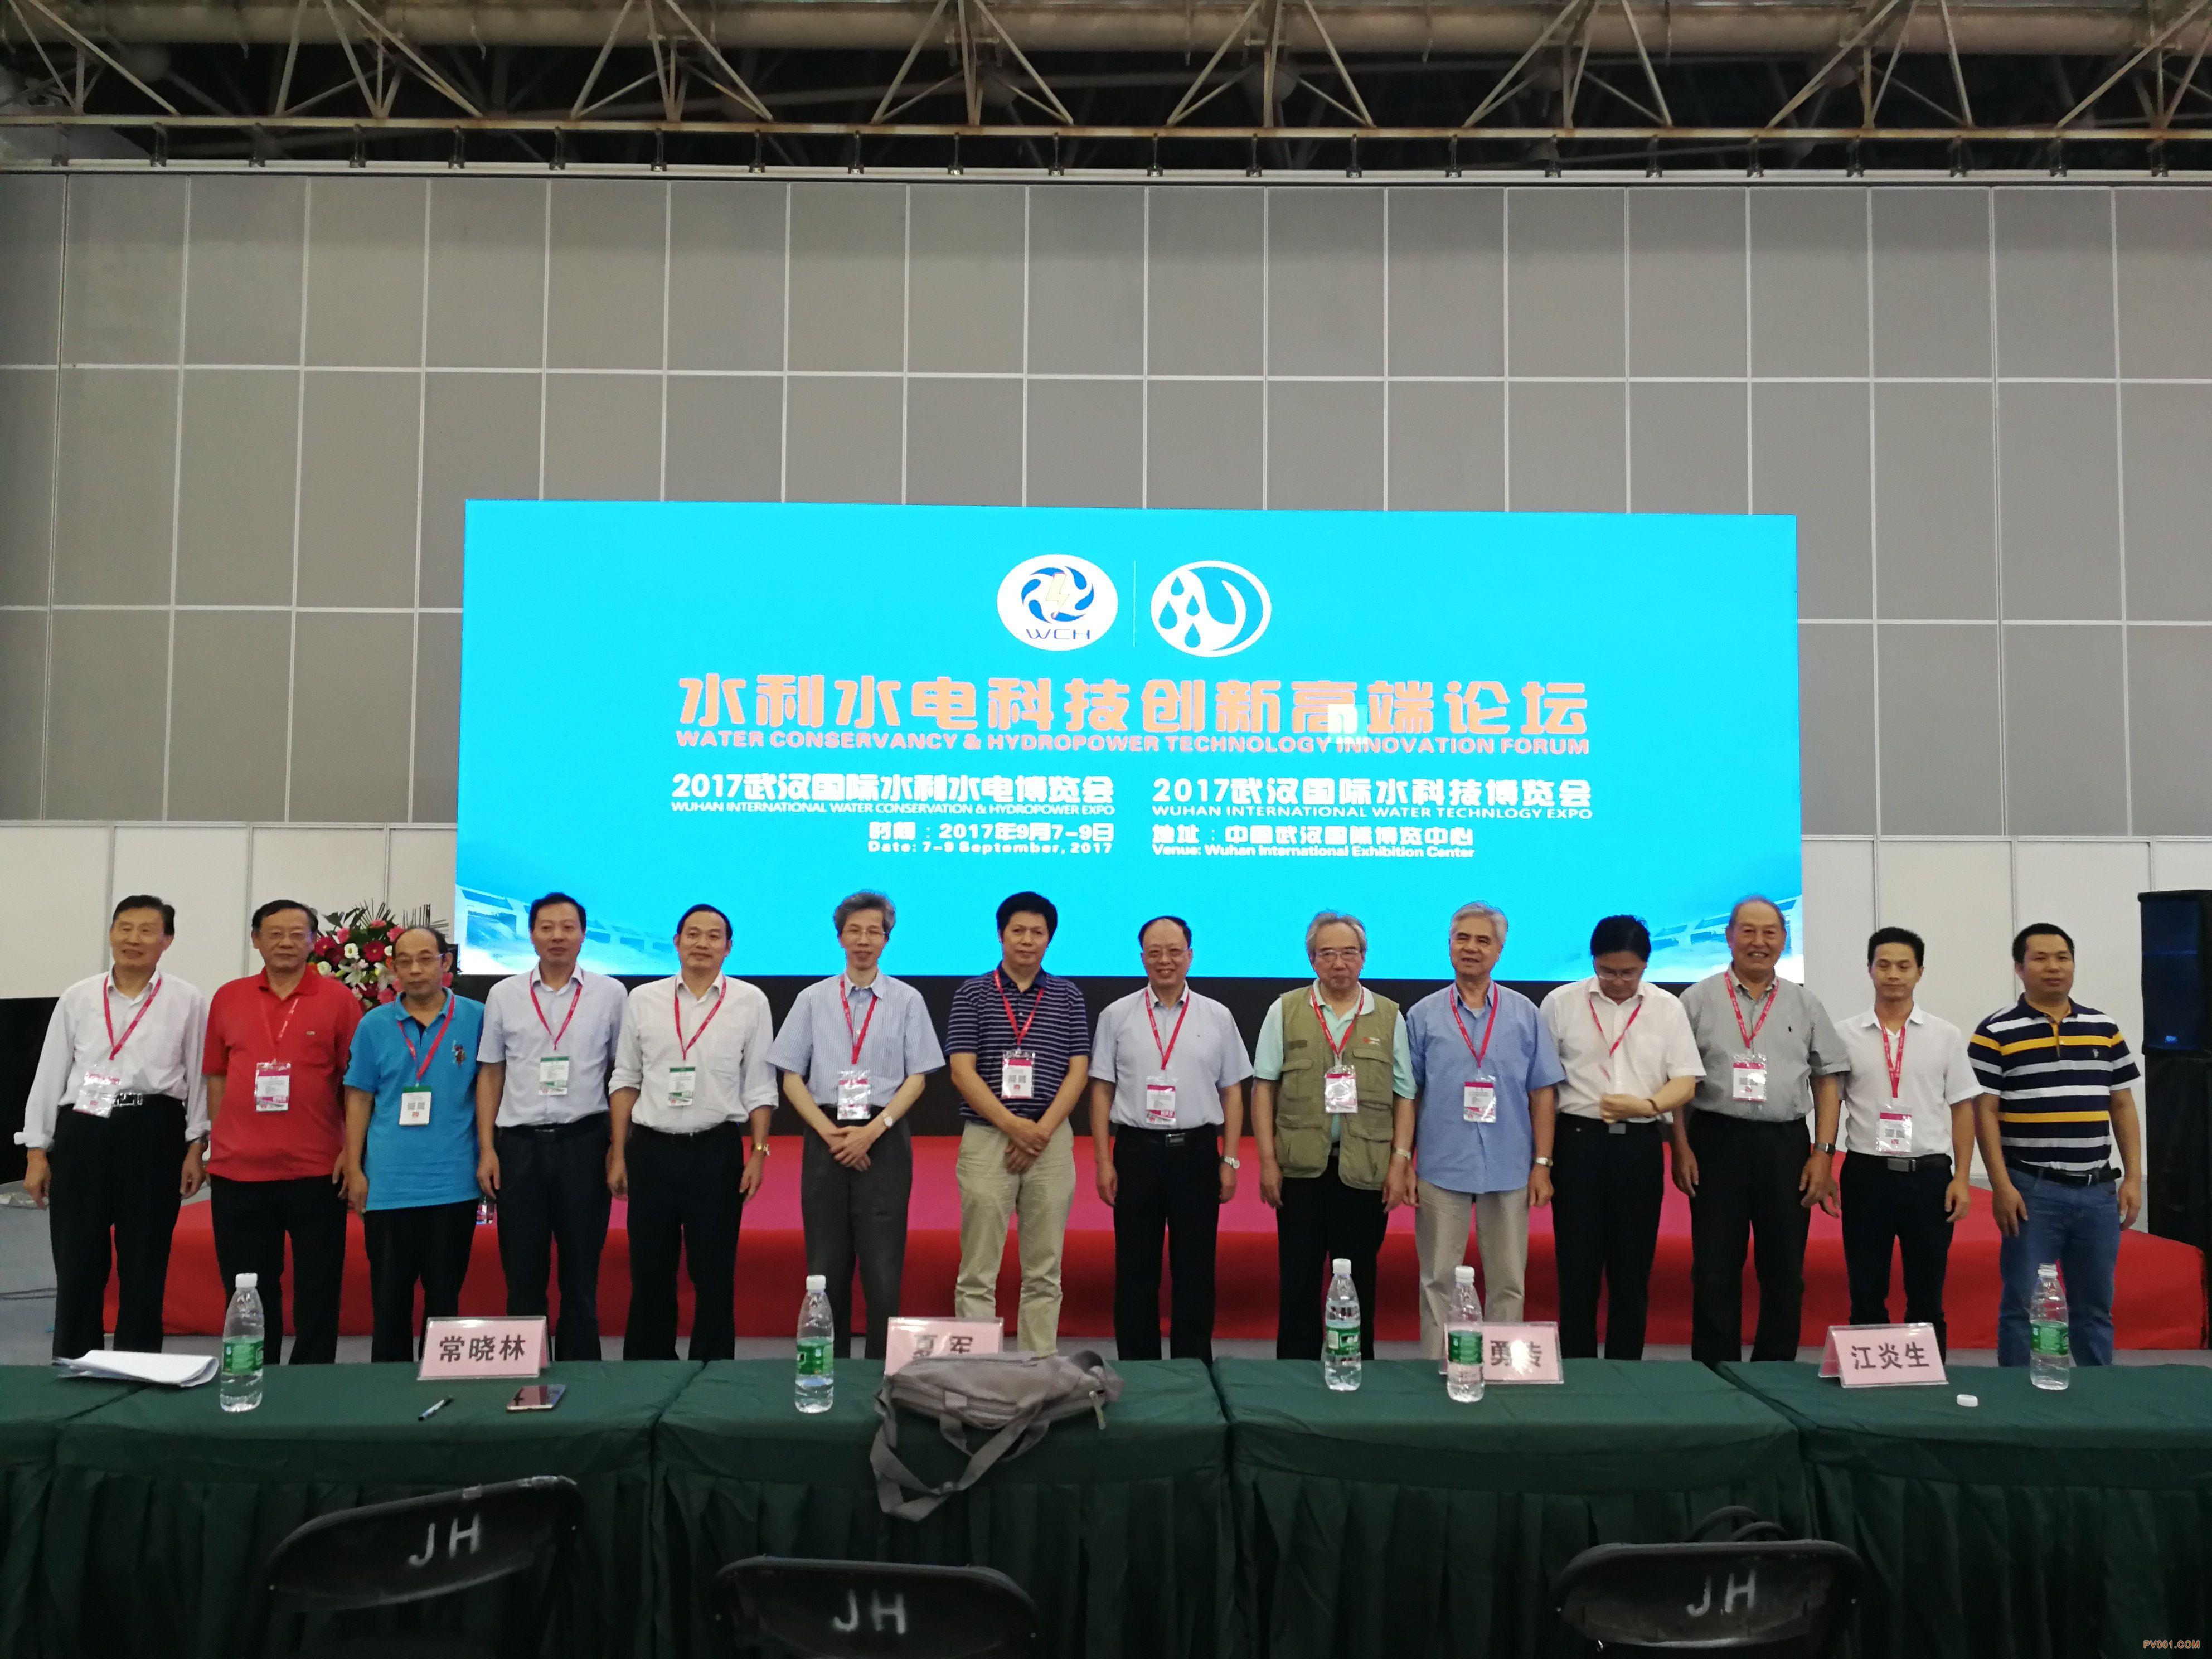 武汉水展 2018第二届武汉国际泵阀、管道及水处理展览会专业观众